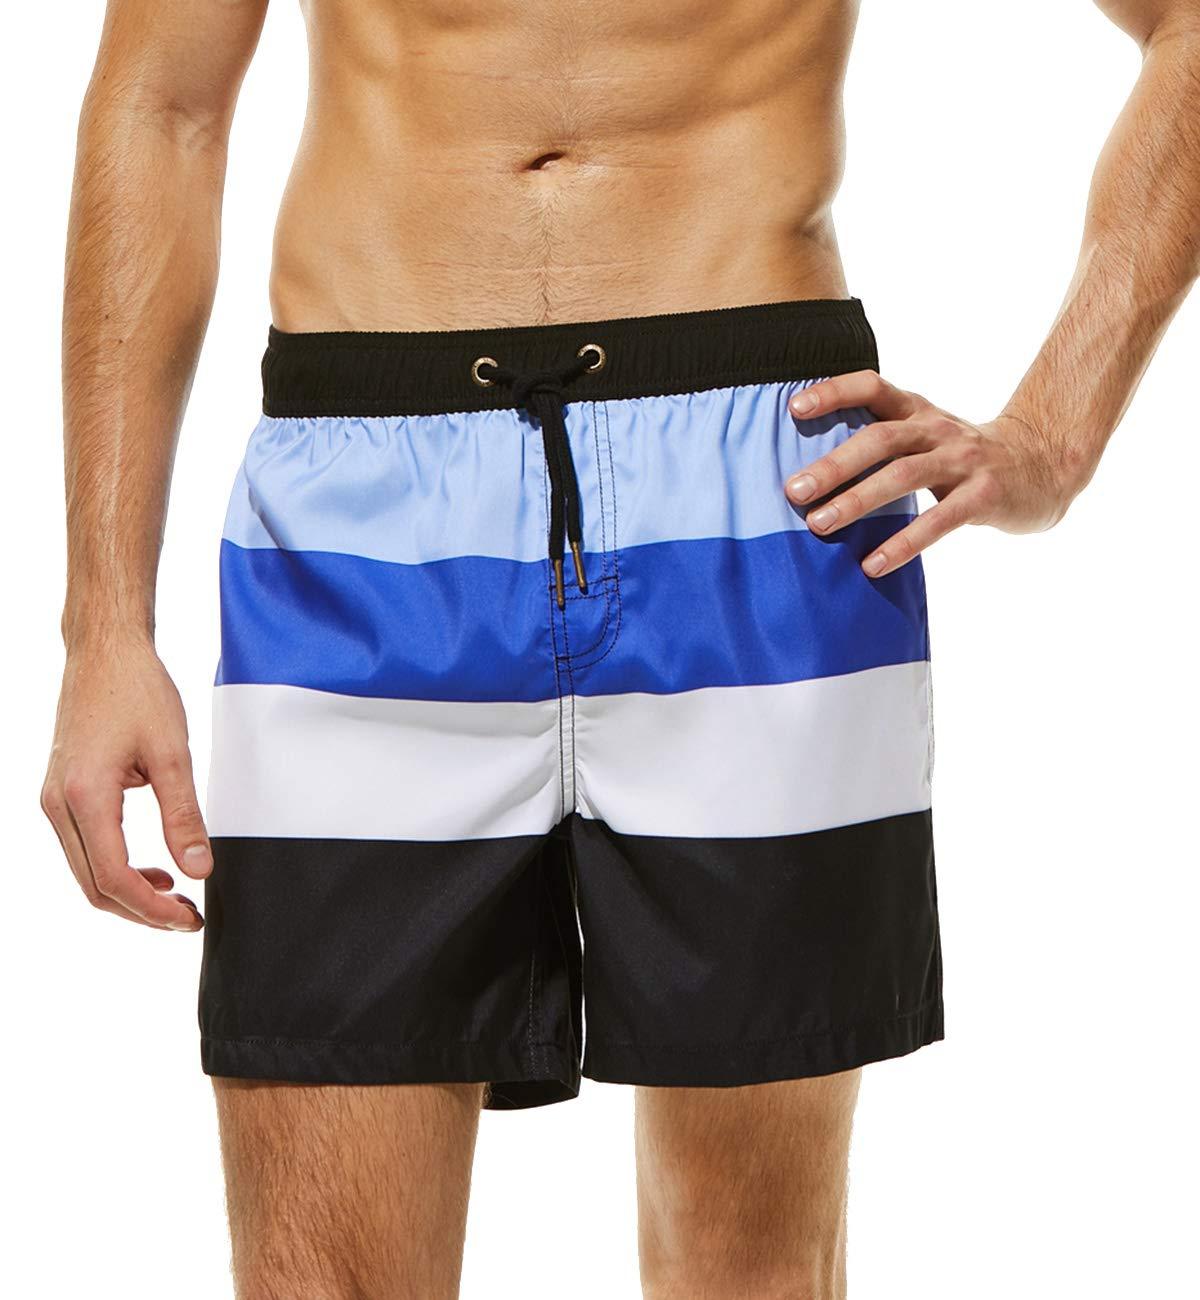 47fba63980c3 Lachi Costume da Bagno Uomo Asciugatura Rapida Pantaloncini Sportivi da  Bagno Tasche per Spiaggia Serf Mare